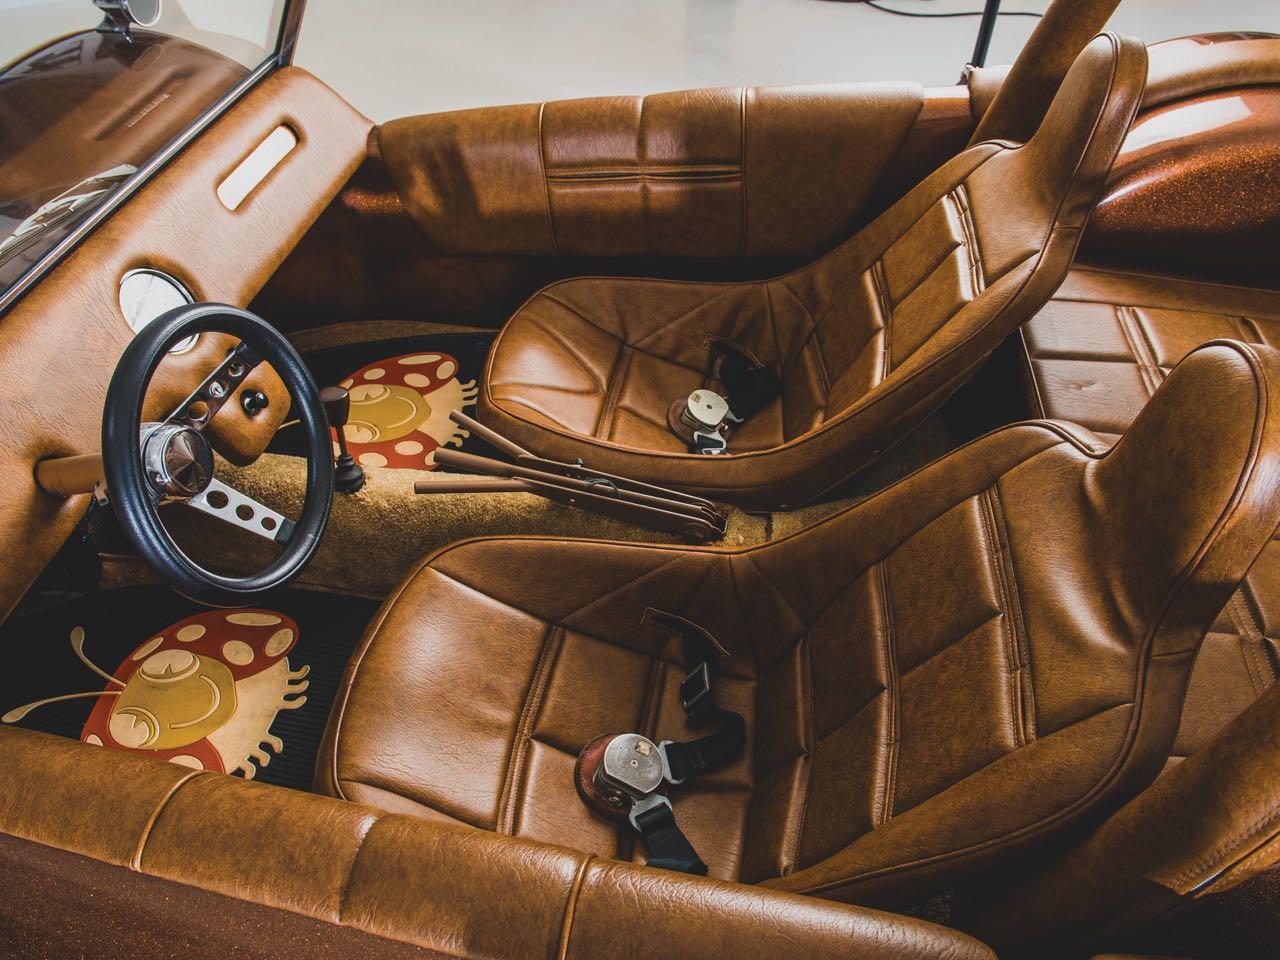 1971 Mangosta Sport Buggy - Délire V.I.P ! 7